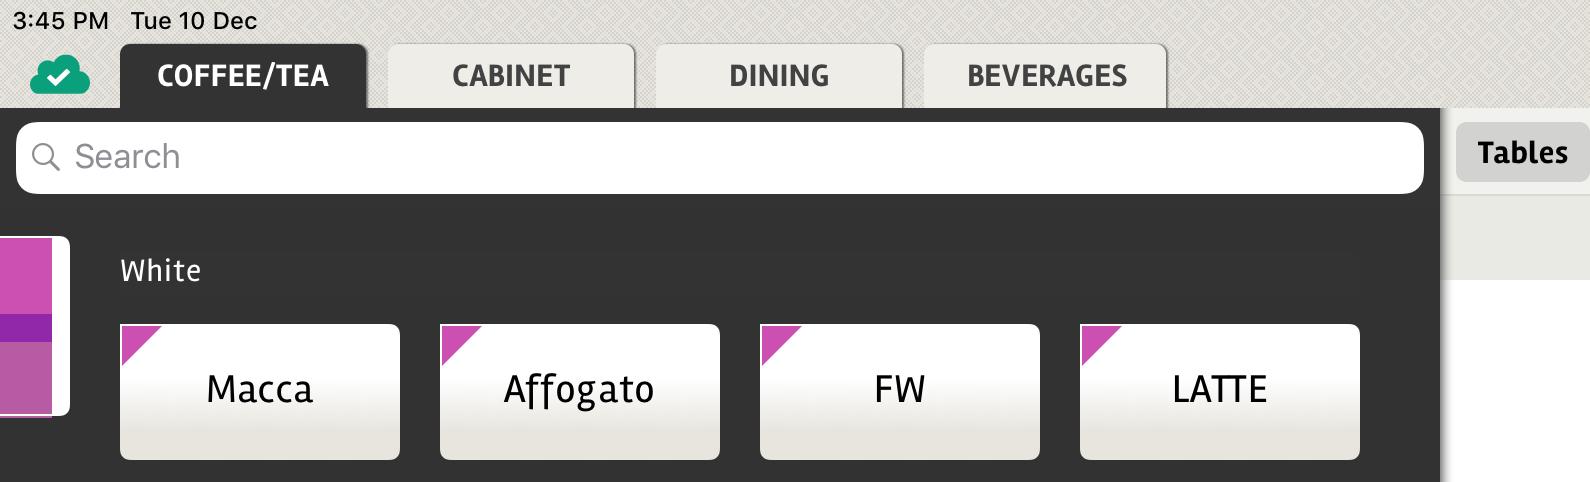 posBoss - Search menu